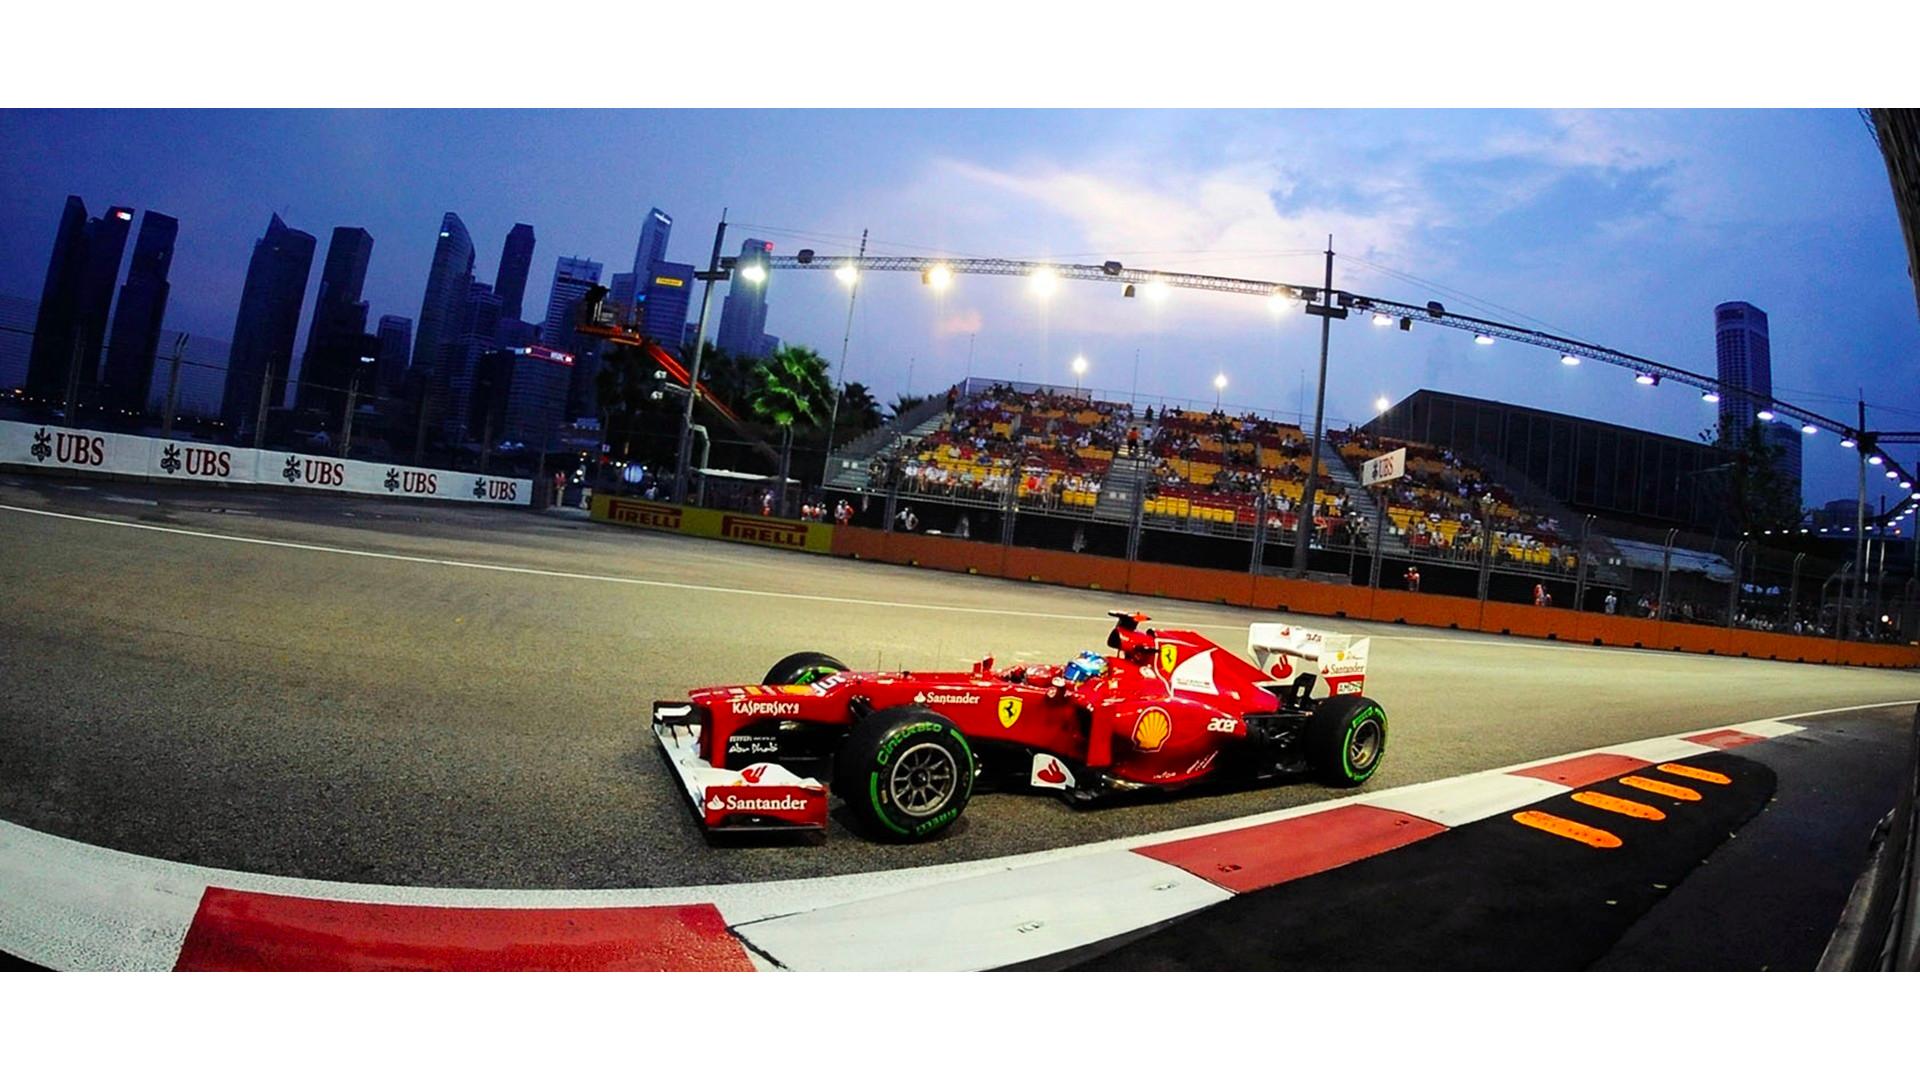 Formula 1 aracının görseli.